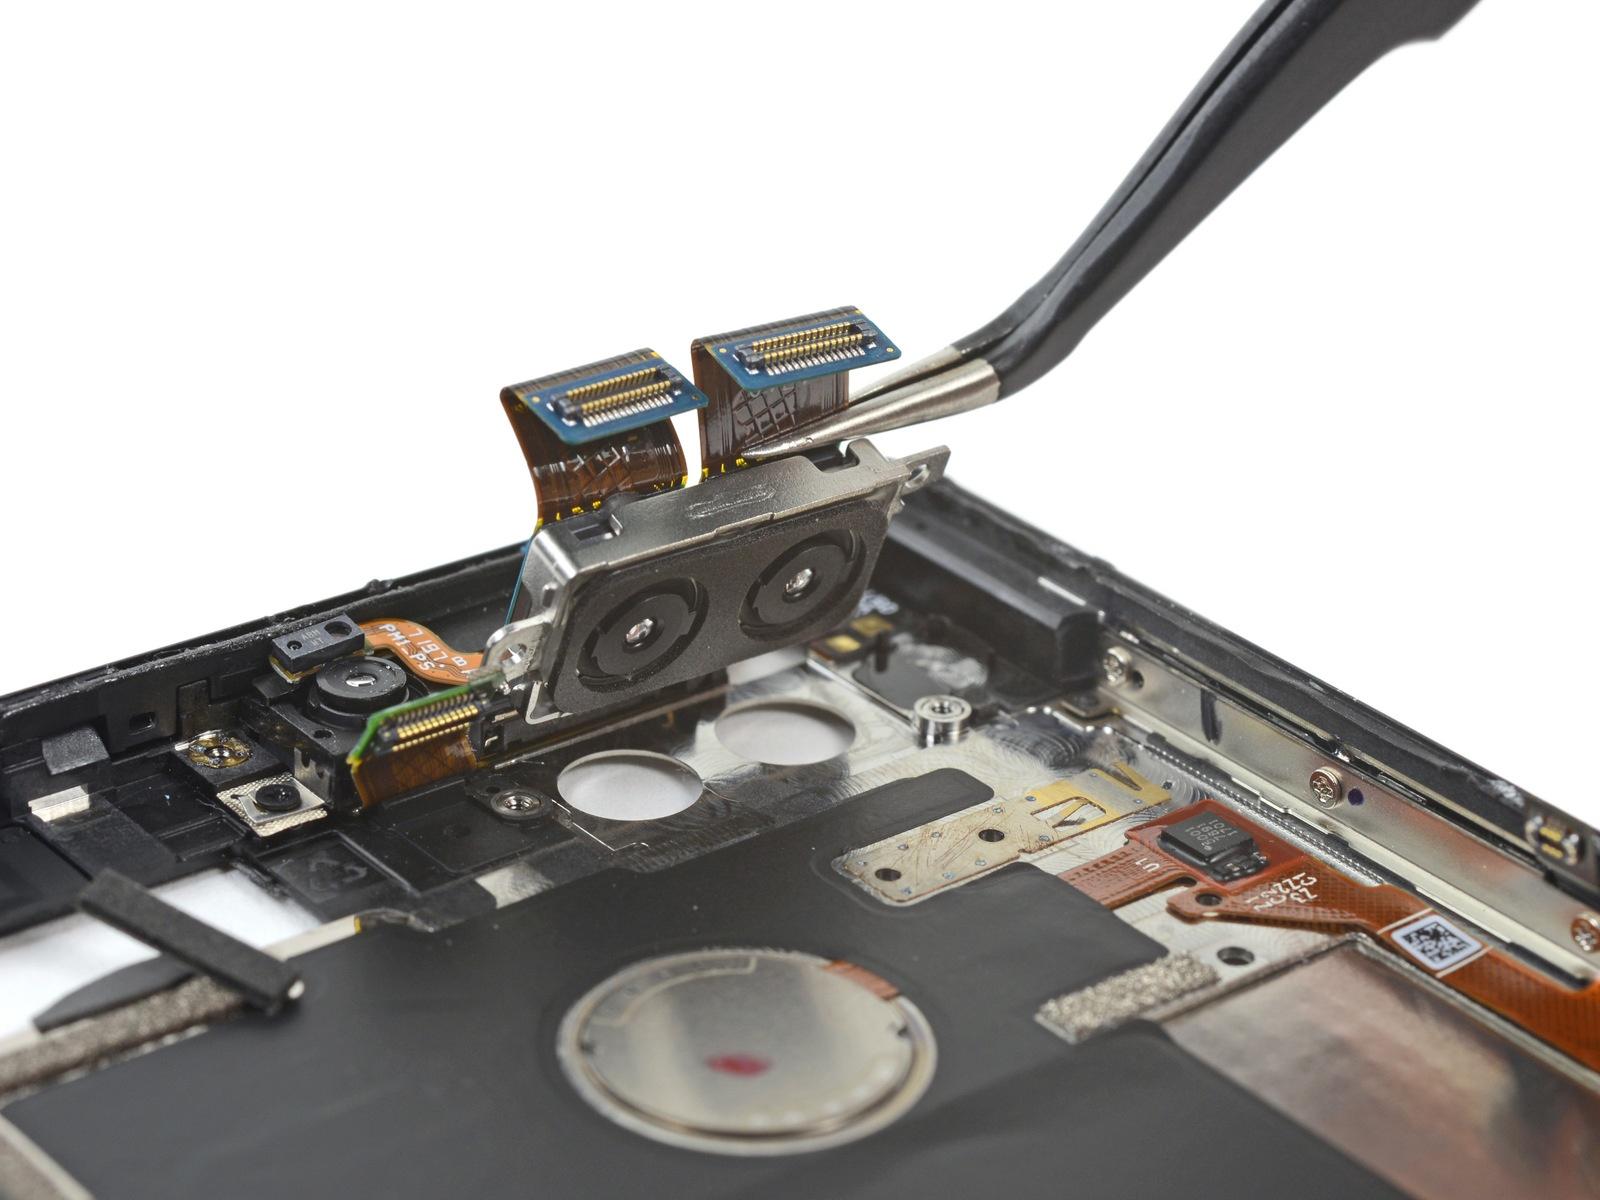 Телефон от создателя Android получил 1 балл из 10 по шкале ремонтопригодности iFixit - 6